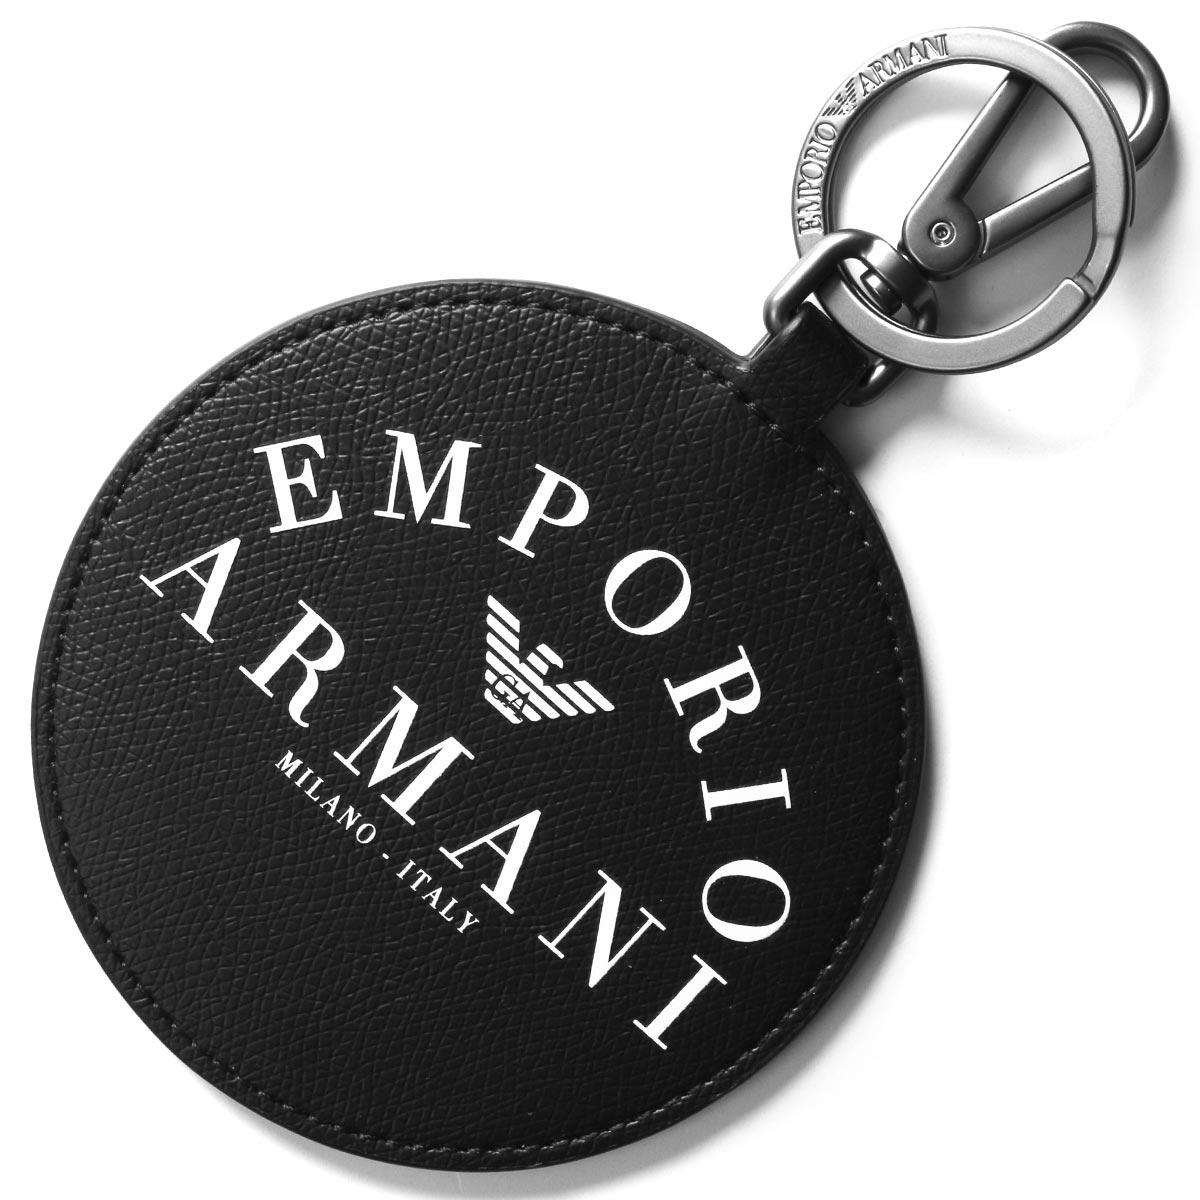 エンポリオアルマーニ キーリング/キーホルダー アクセサリー メンズ ブラック Y4R253 YFE5J 83896 EMPORIO ARMANI